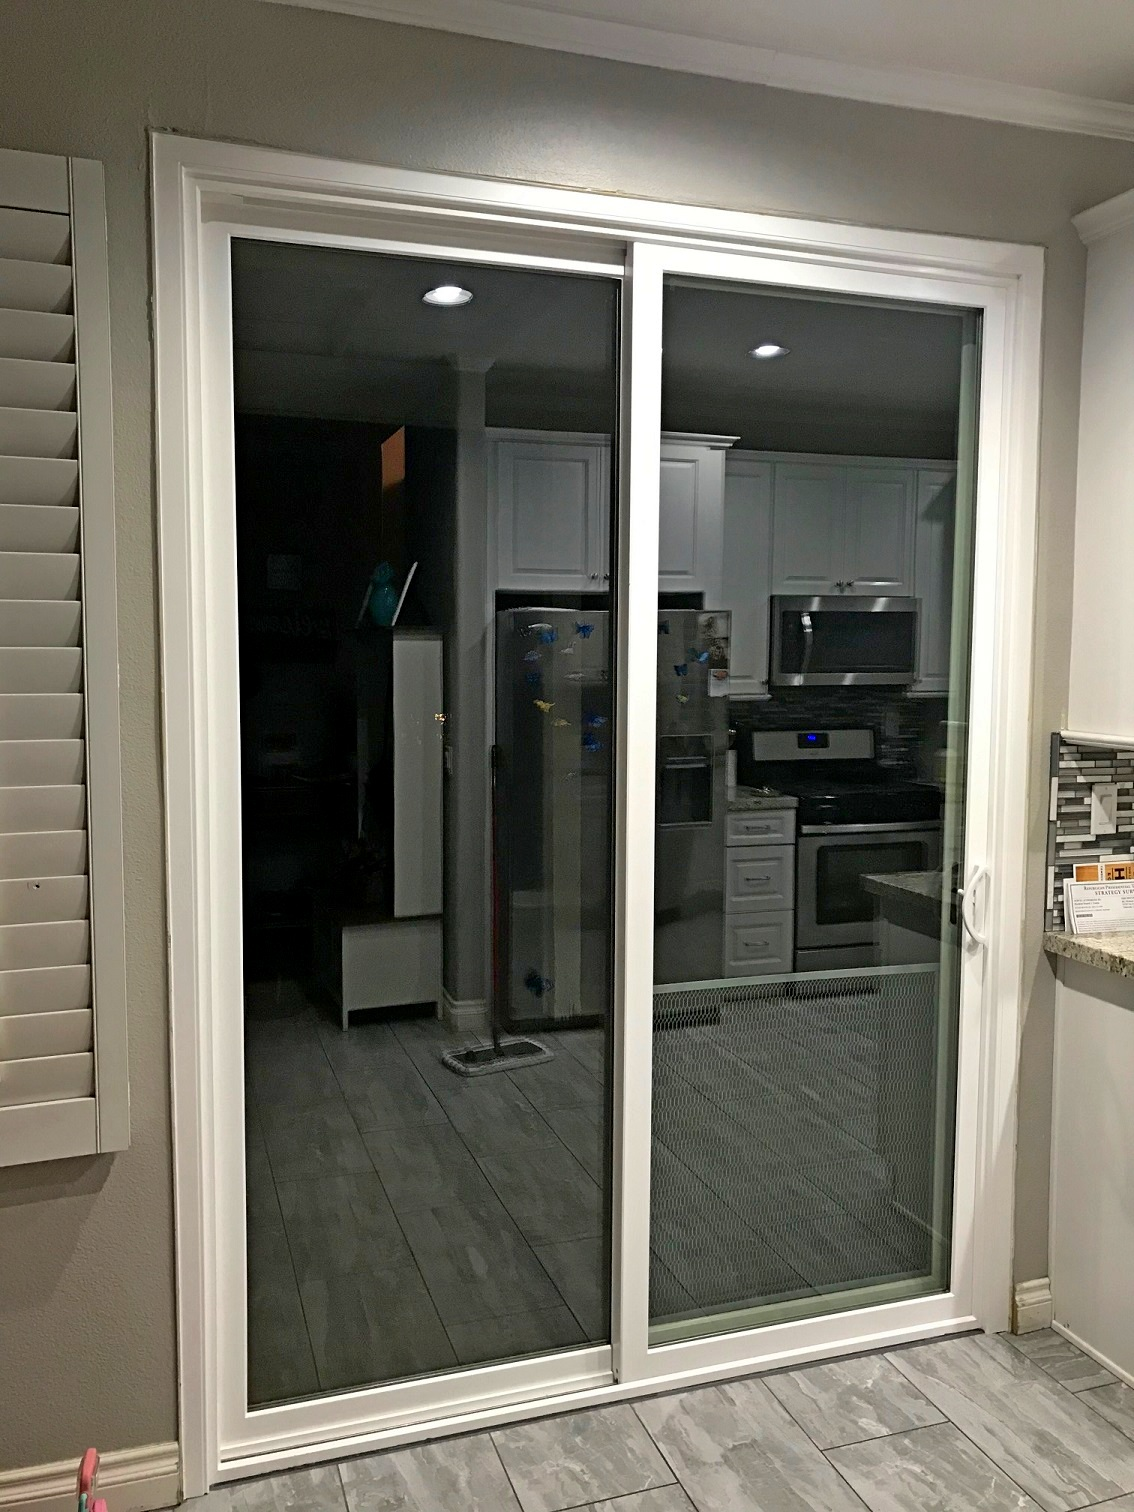 Patio Slider Door Replacement